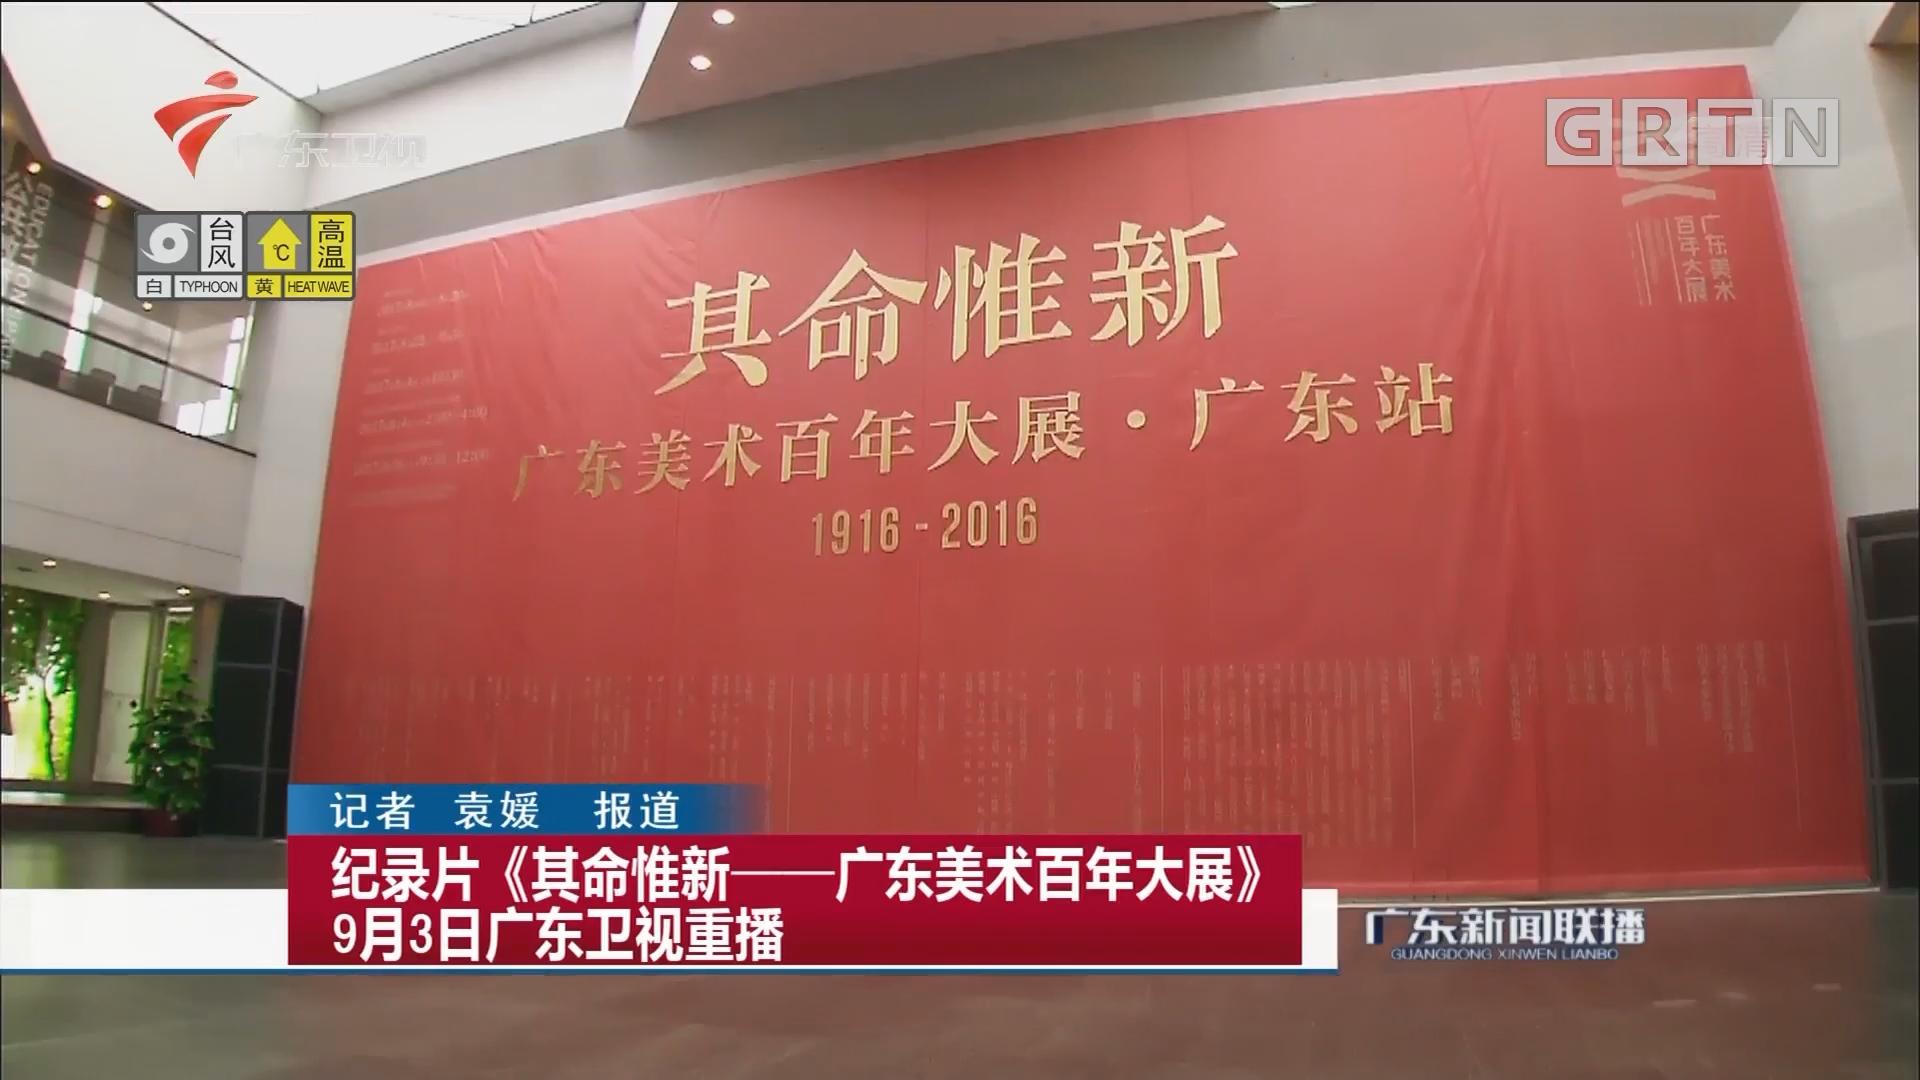 纪录片《其命惟新——广东美术百年大展》9月3日广东卫视重播